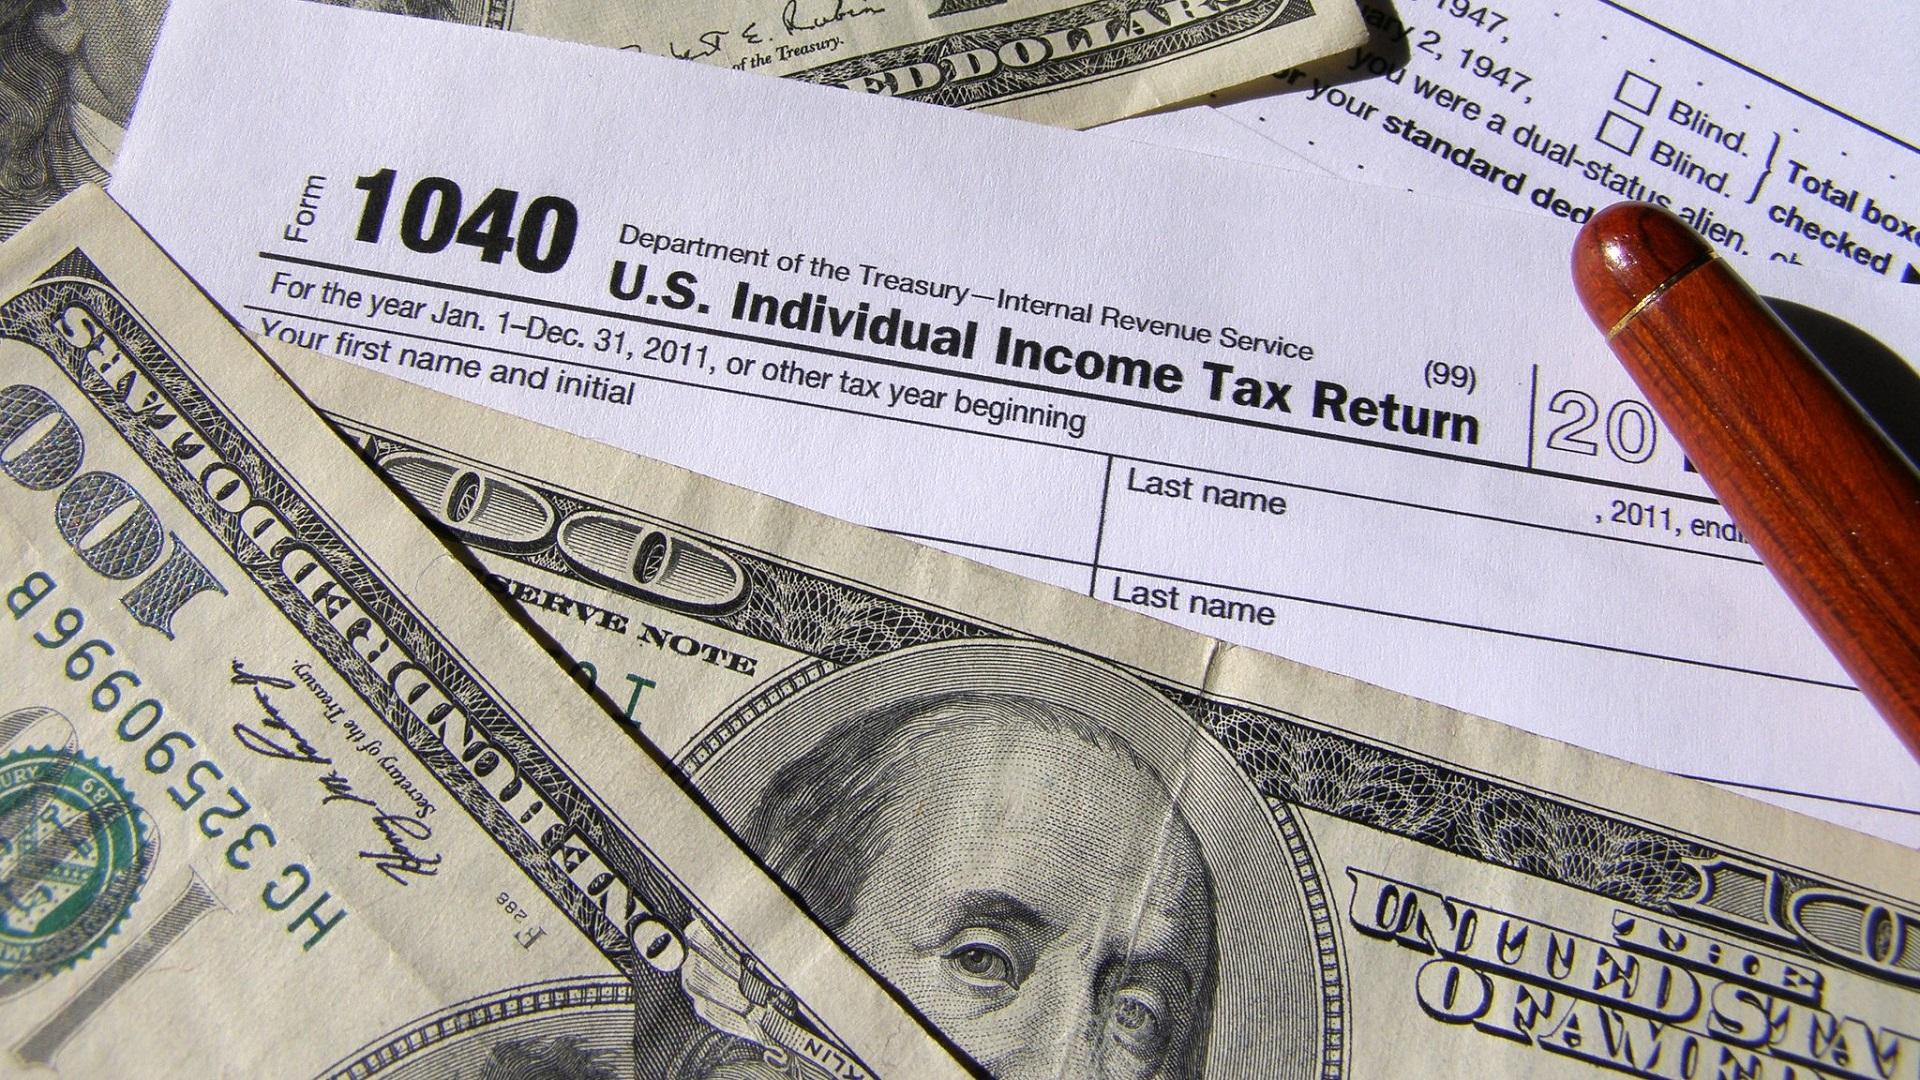 1337 Tax help